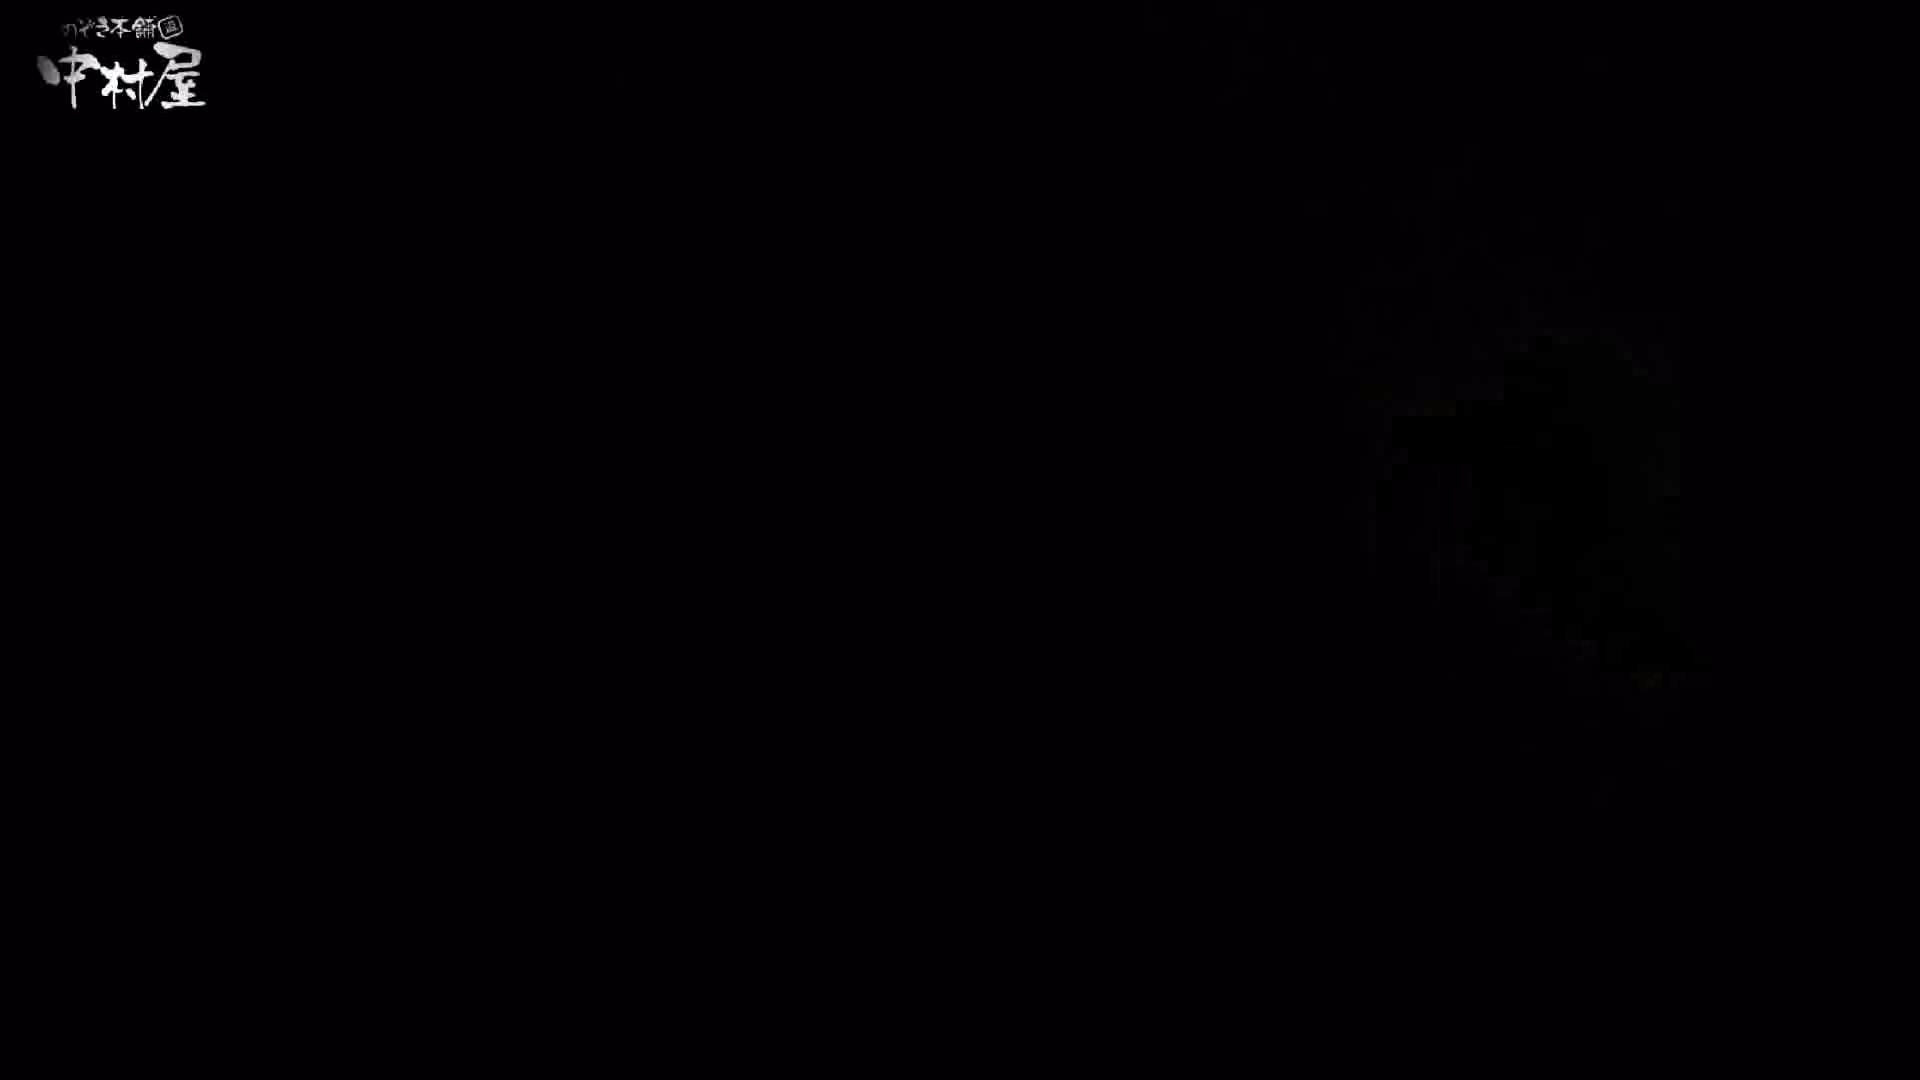 民家風呂専門盗撮師の超危険映像 vol.017 美女まとめ オマンコ無修正動画無料 110PIX 22